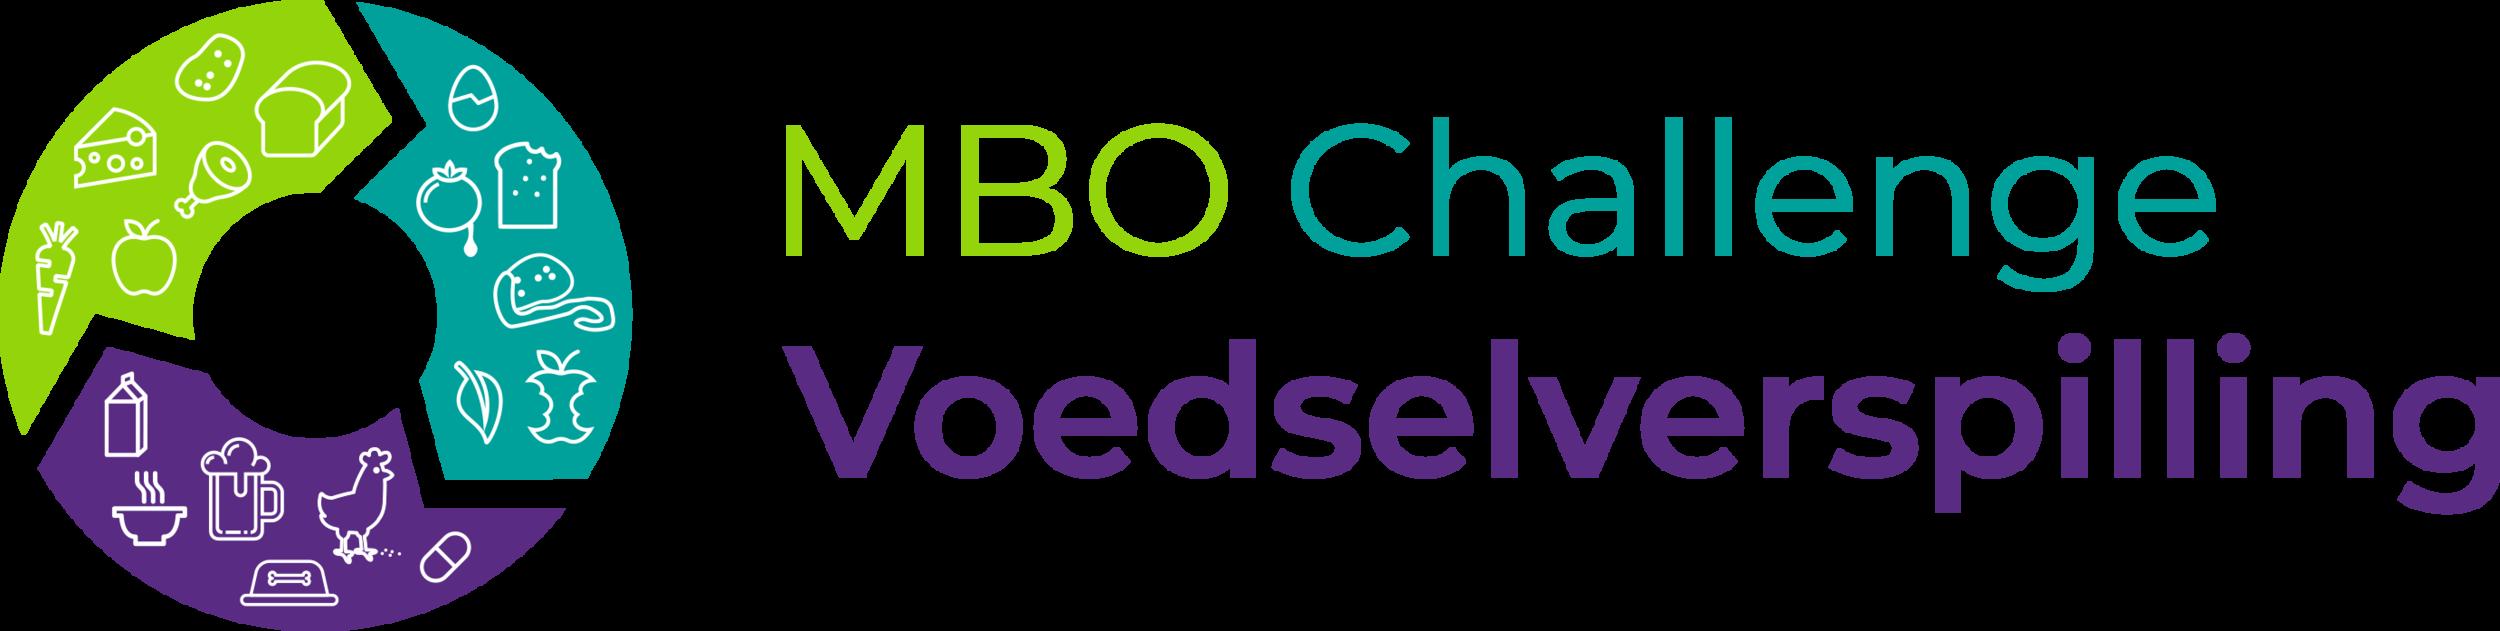 MBO Challenge